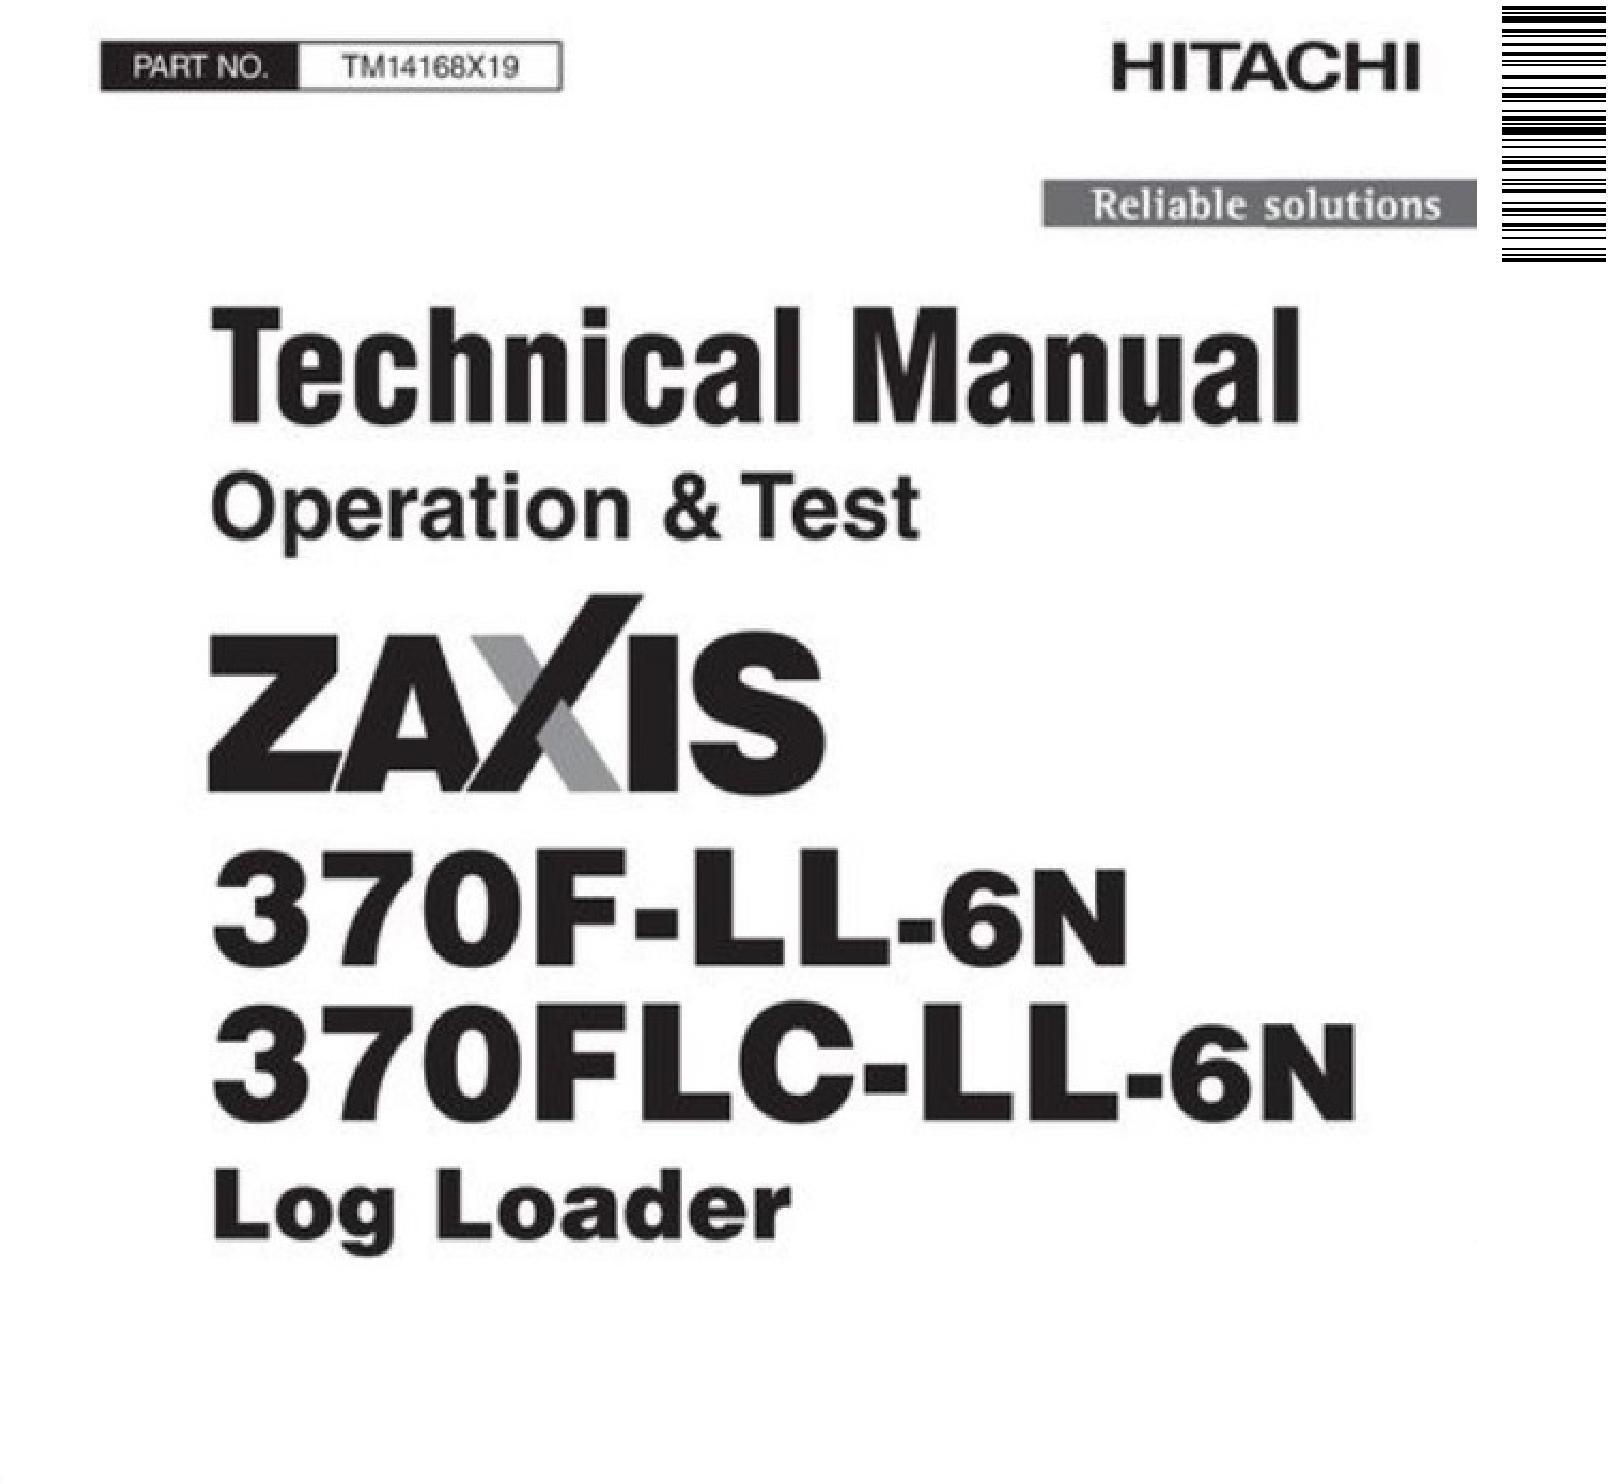 Hitachi Zaxis 370F-LL-6N, 370FLC-LL-6N Log Loader